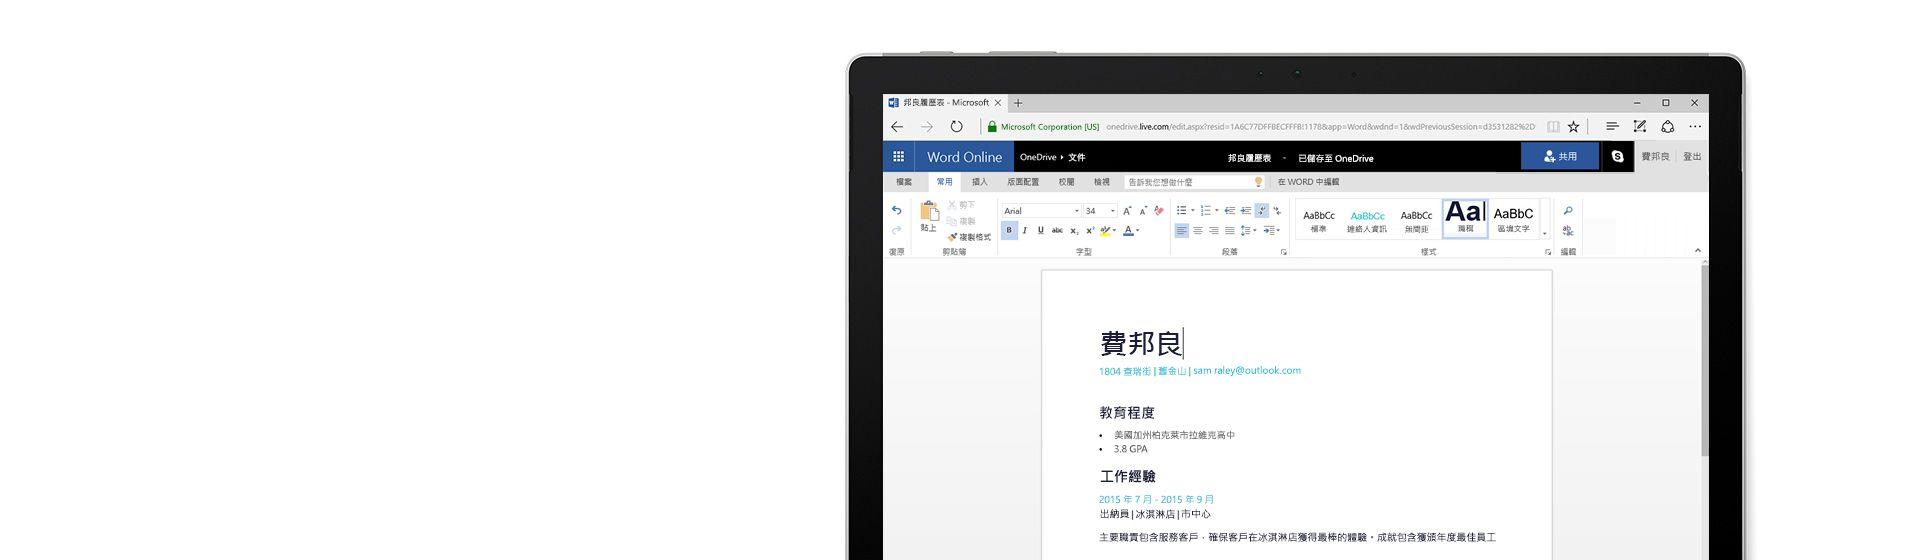 顯示正在 Word Online 中製作履歷的電腦螢幕